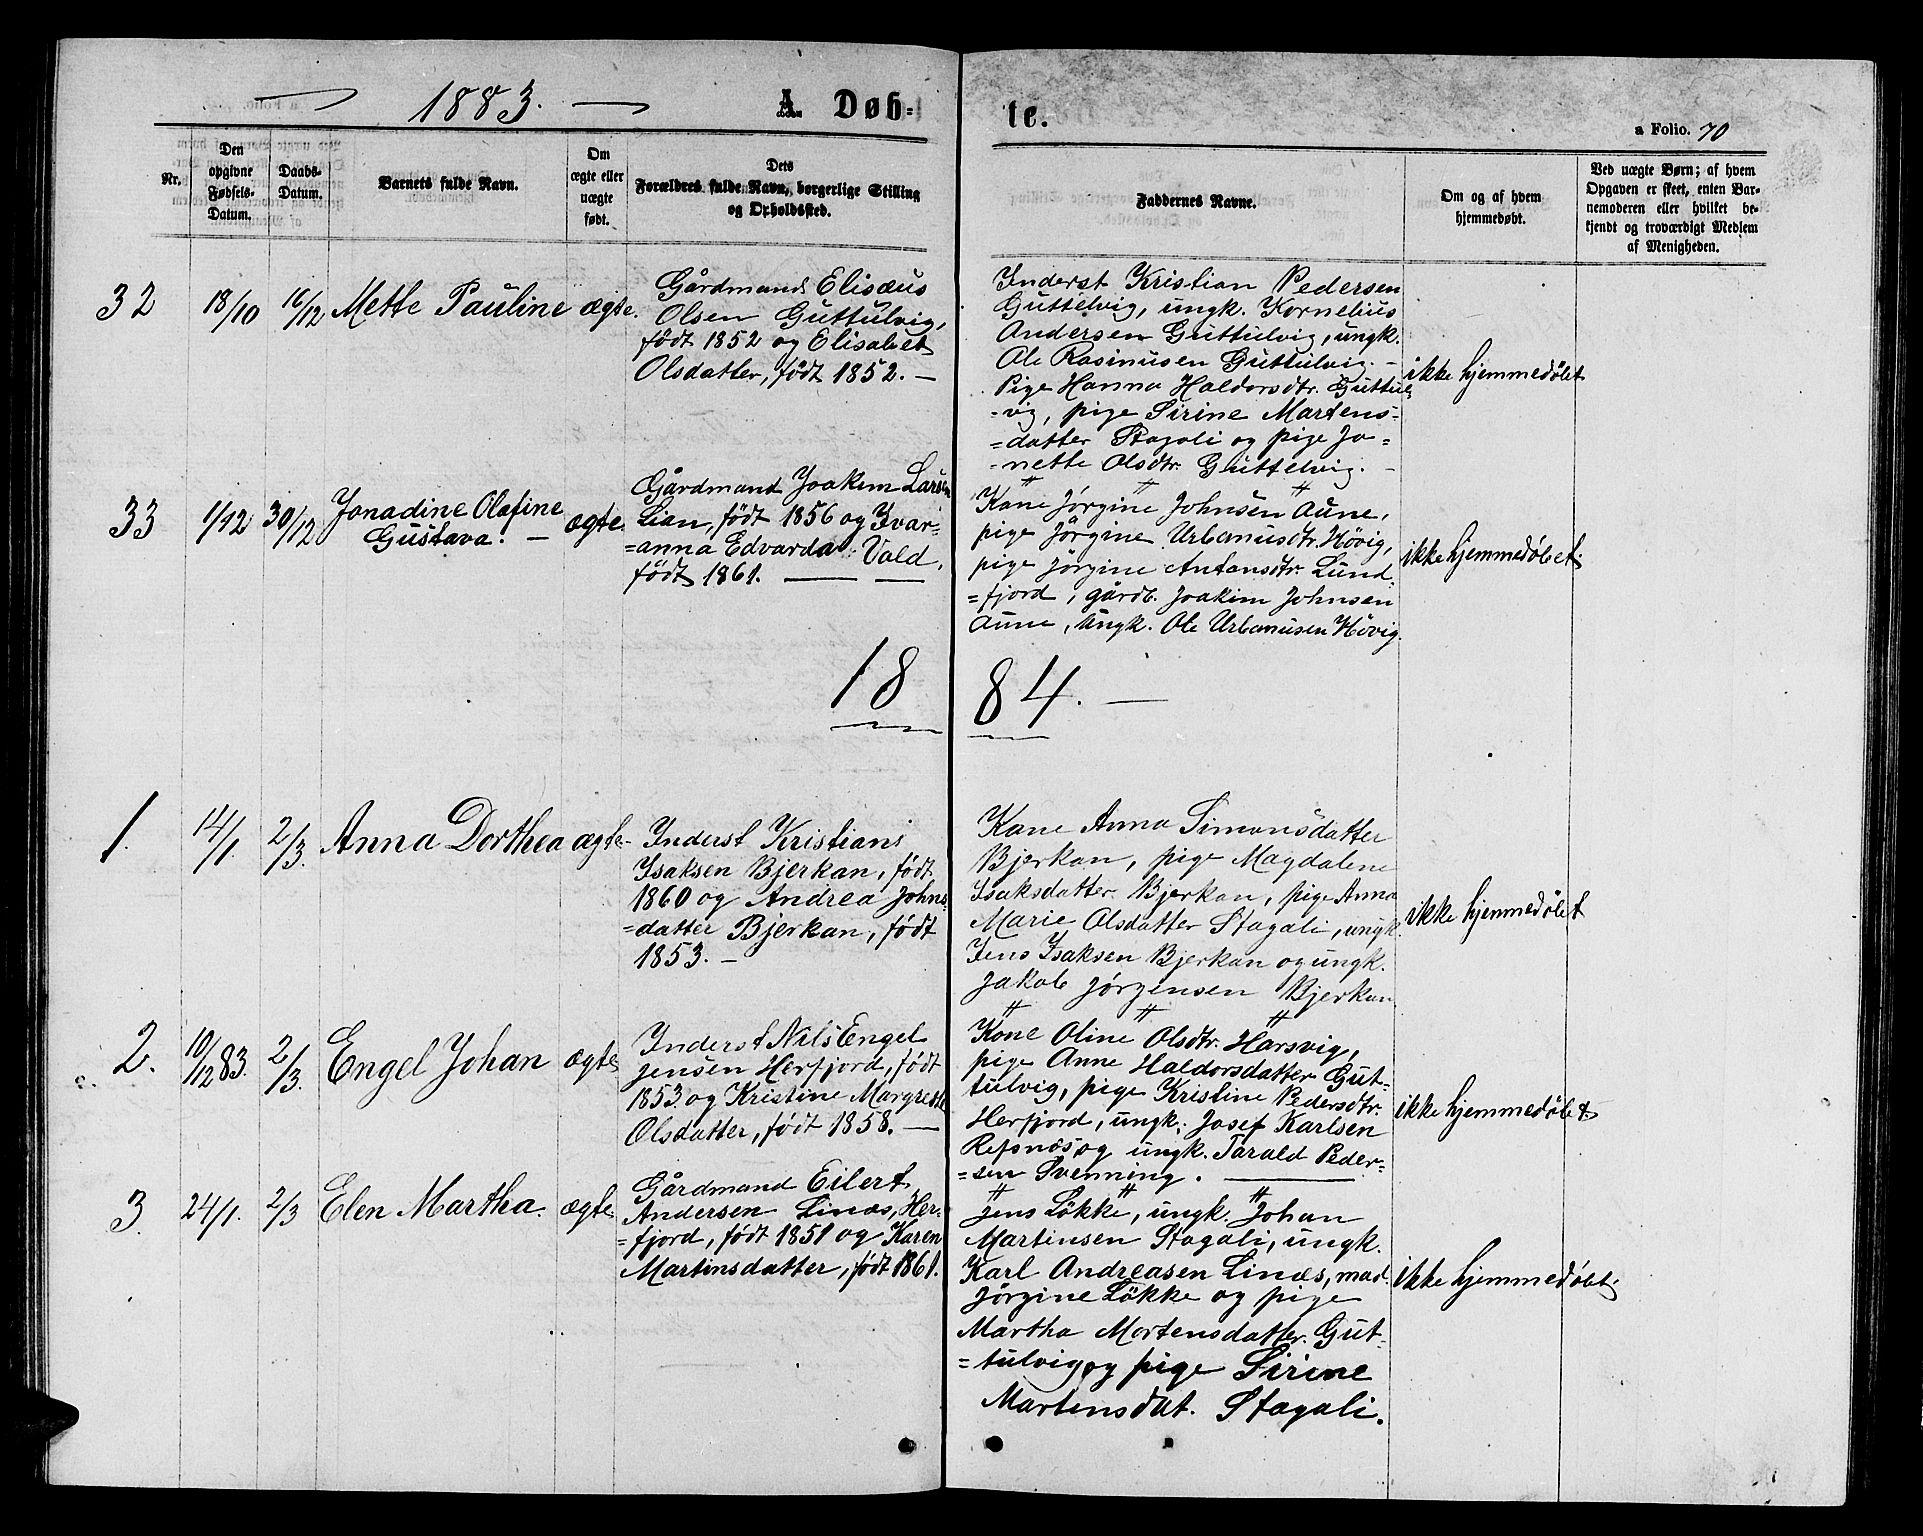 SAT, Ministerialprotokoller, klokkerbøker og fødselsregistre - Sør-Trøndelag, 656/L0695: Klokkerbok nr. 656C01, 1867-1889, s. 70